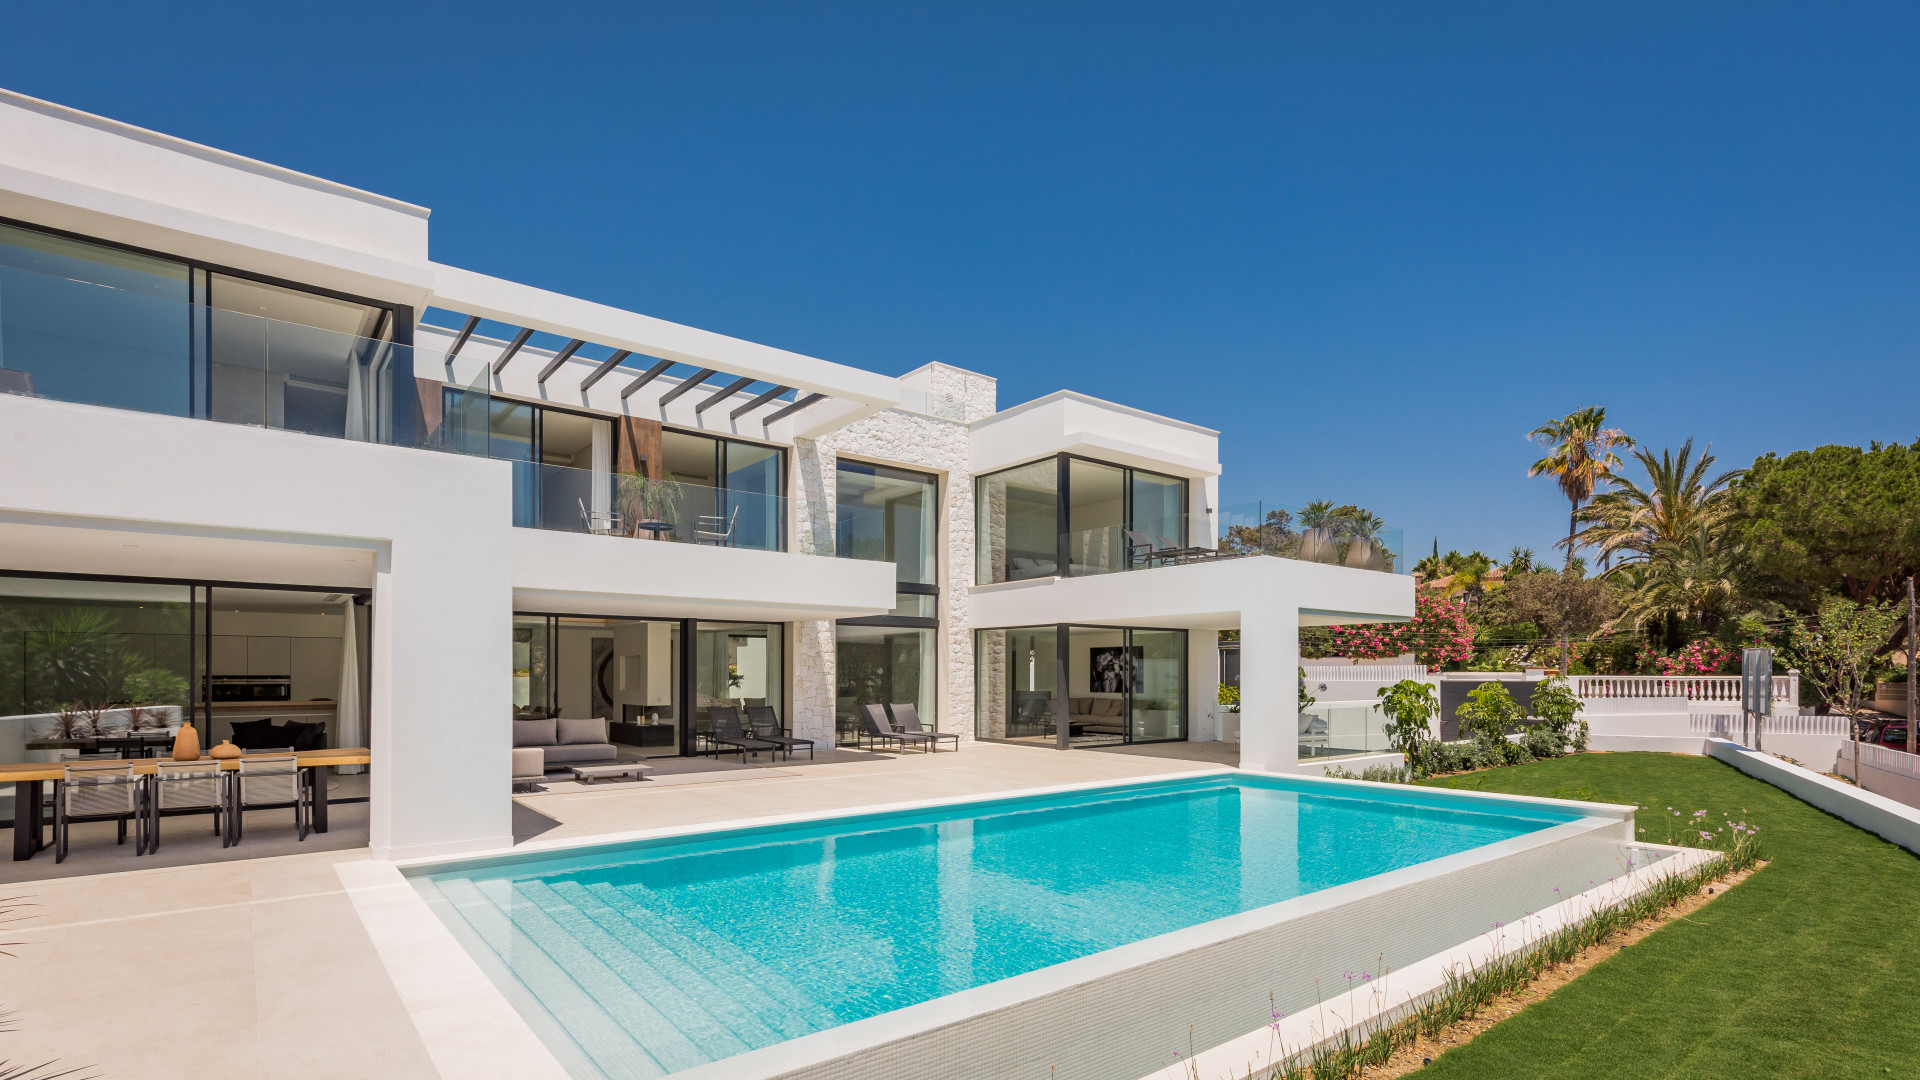 ARFV2105 - Moderne Luxusvilla zum Verkauf in Strandlage in Marbesa in Marbella